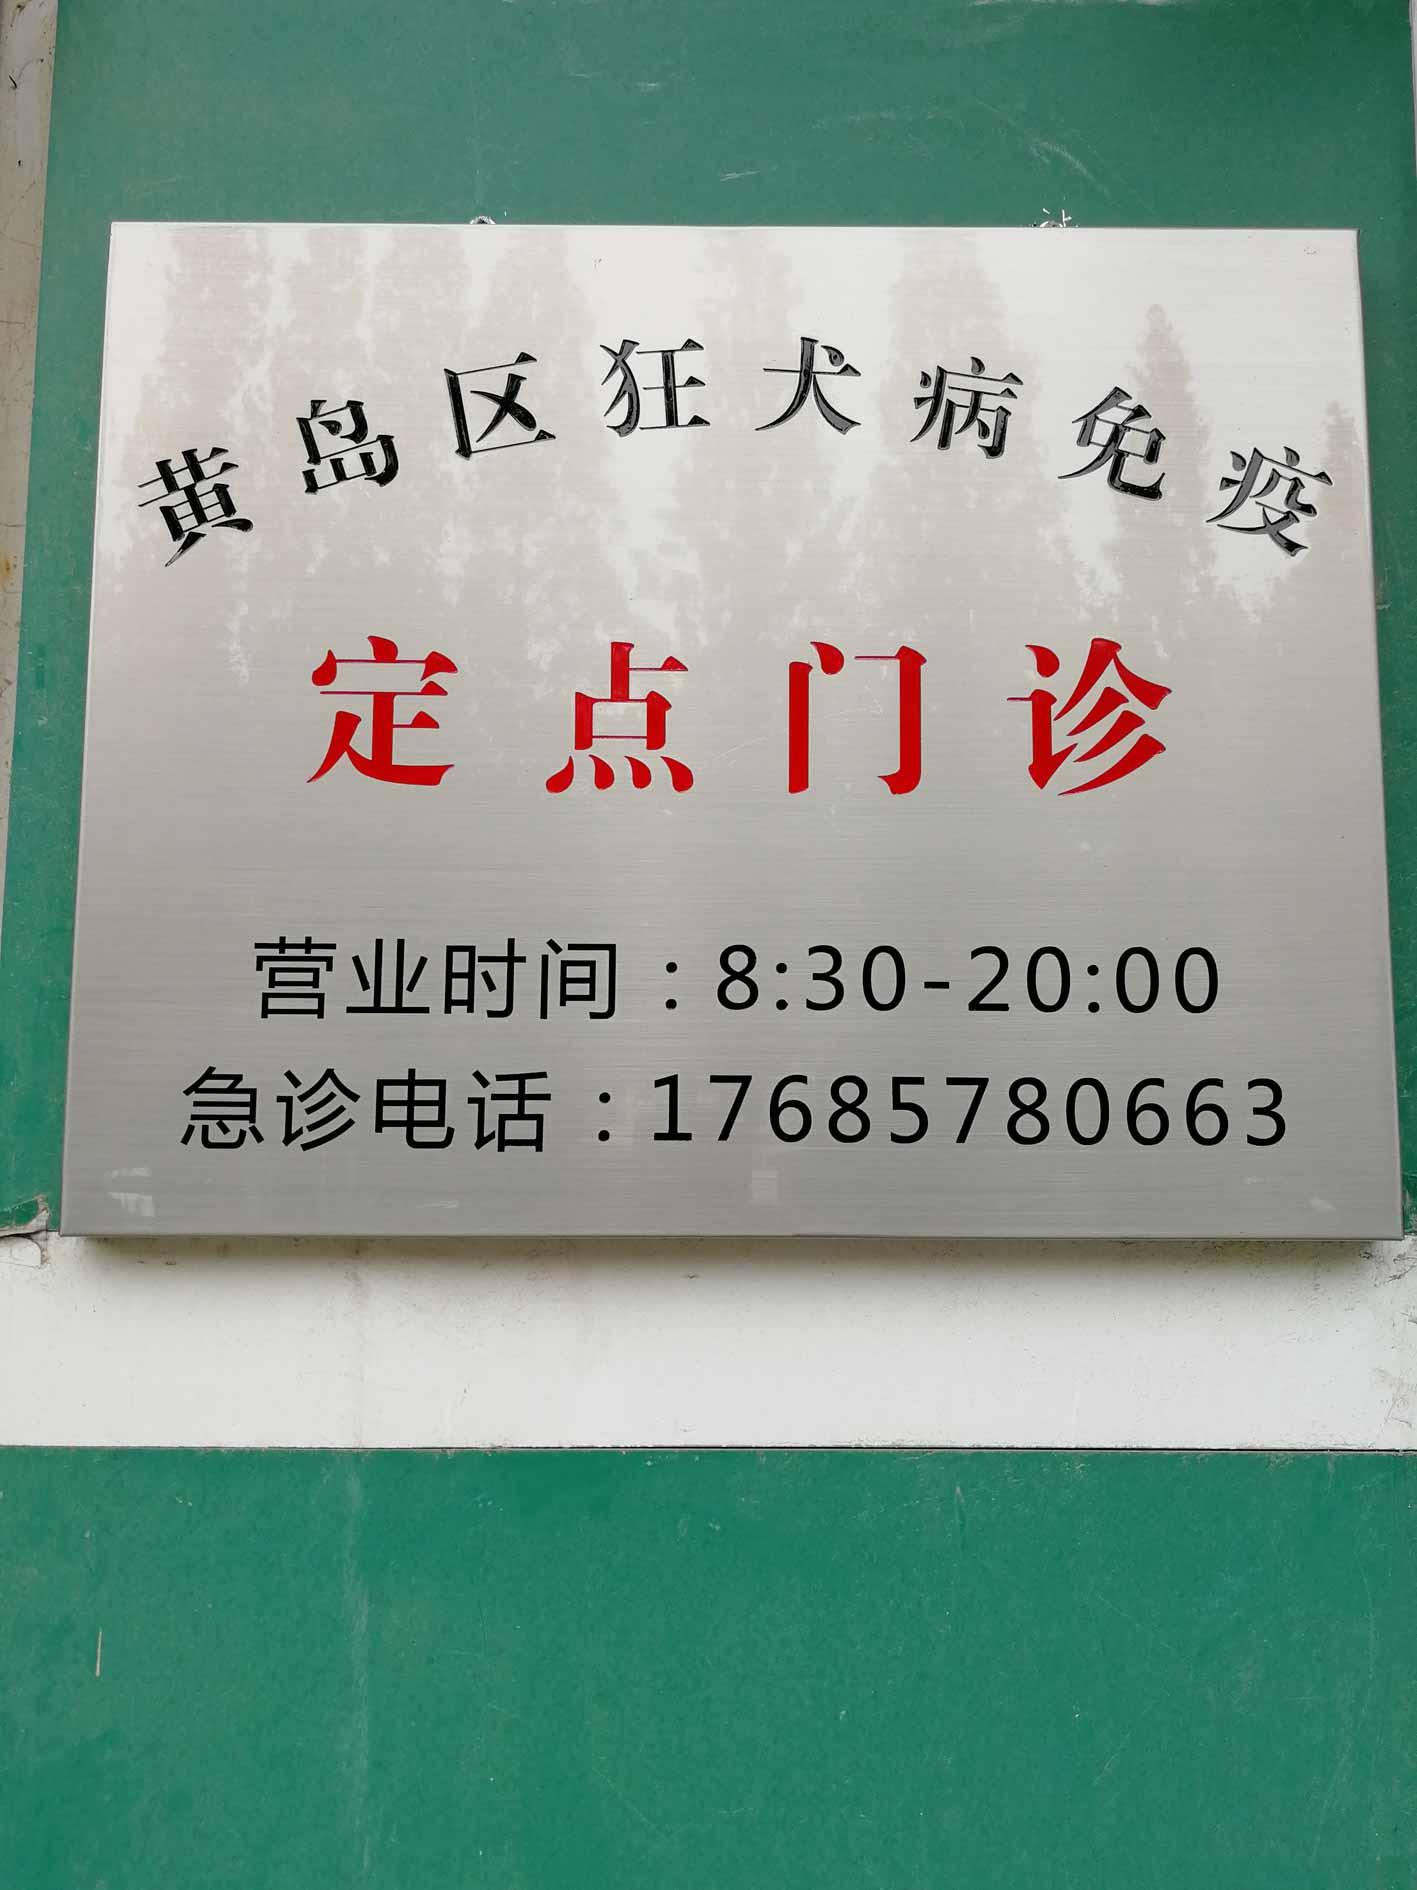 青島寵物狂犬疫苗狗證_為您推薦專業的狗證辦理